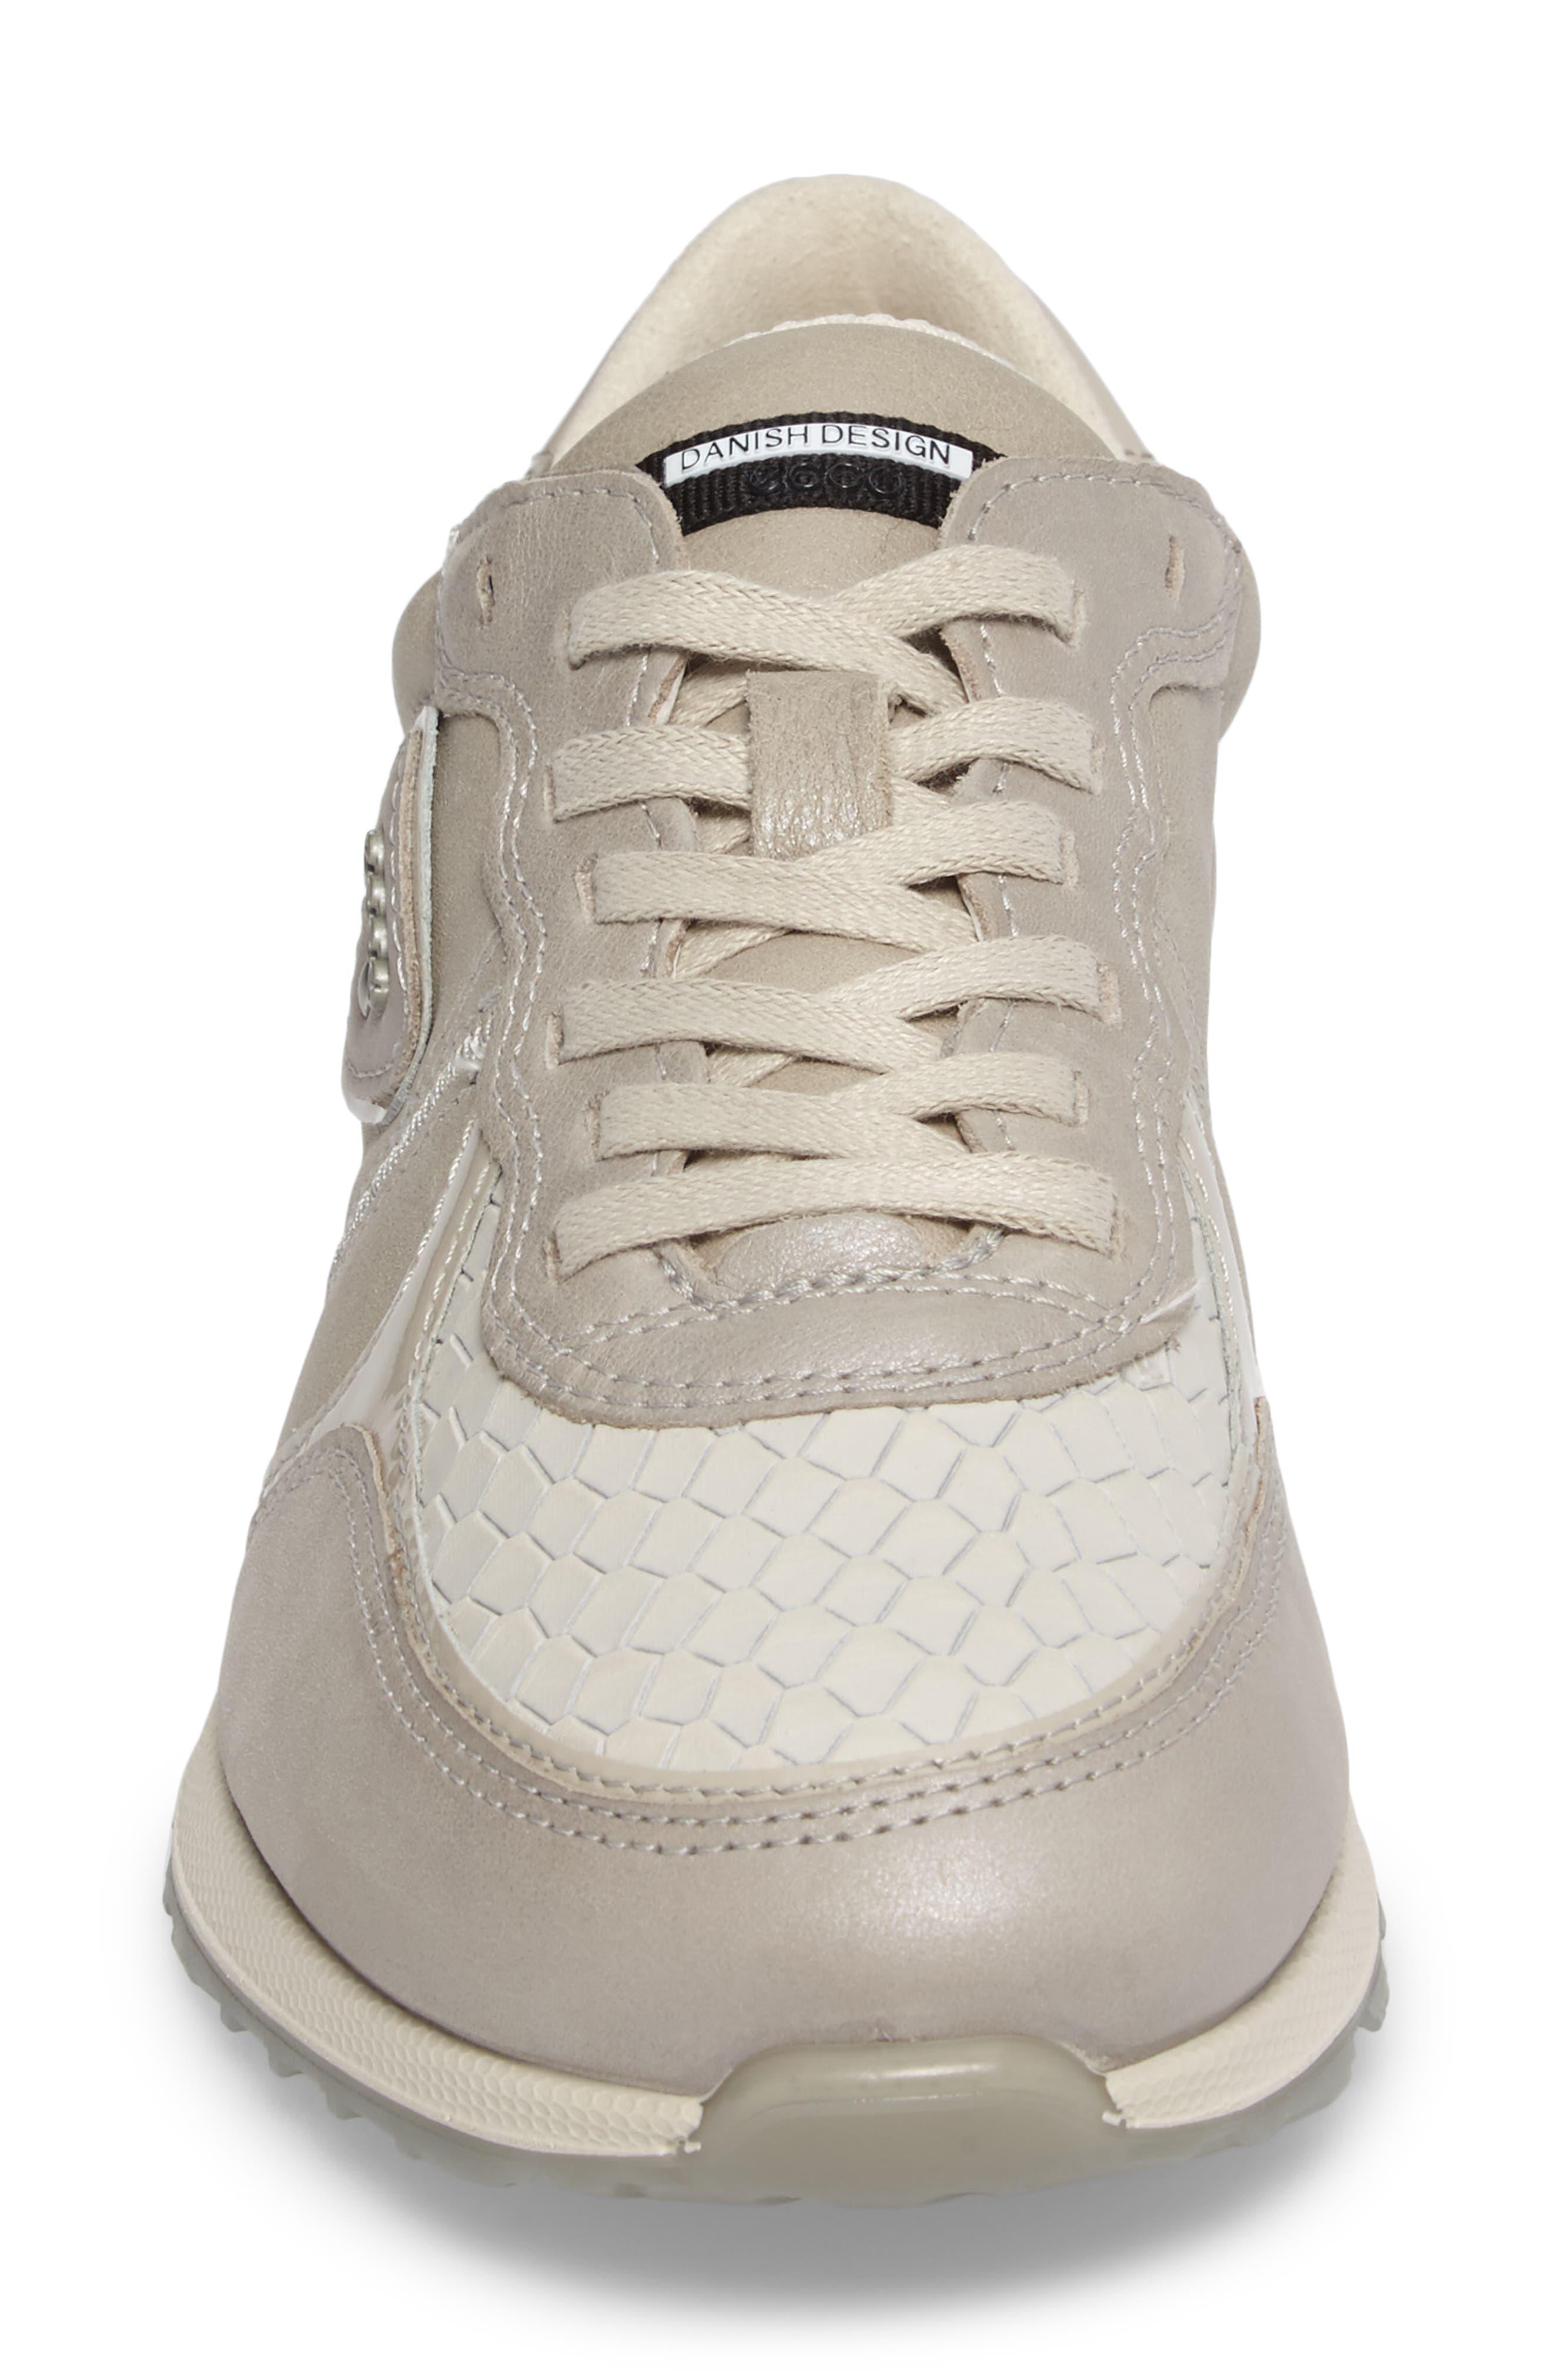 Retro Sneaker,                             Alternate thumbnail 4, color,                             GRAVEL/ WHITE LEATHER